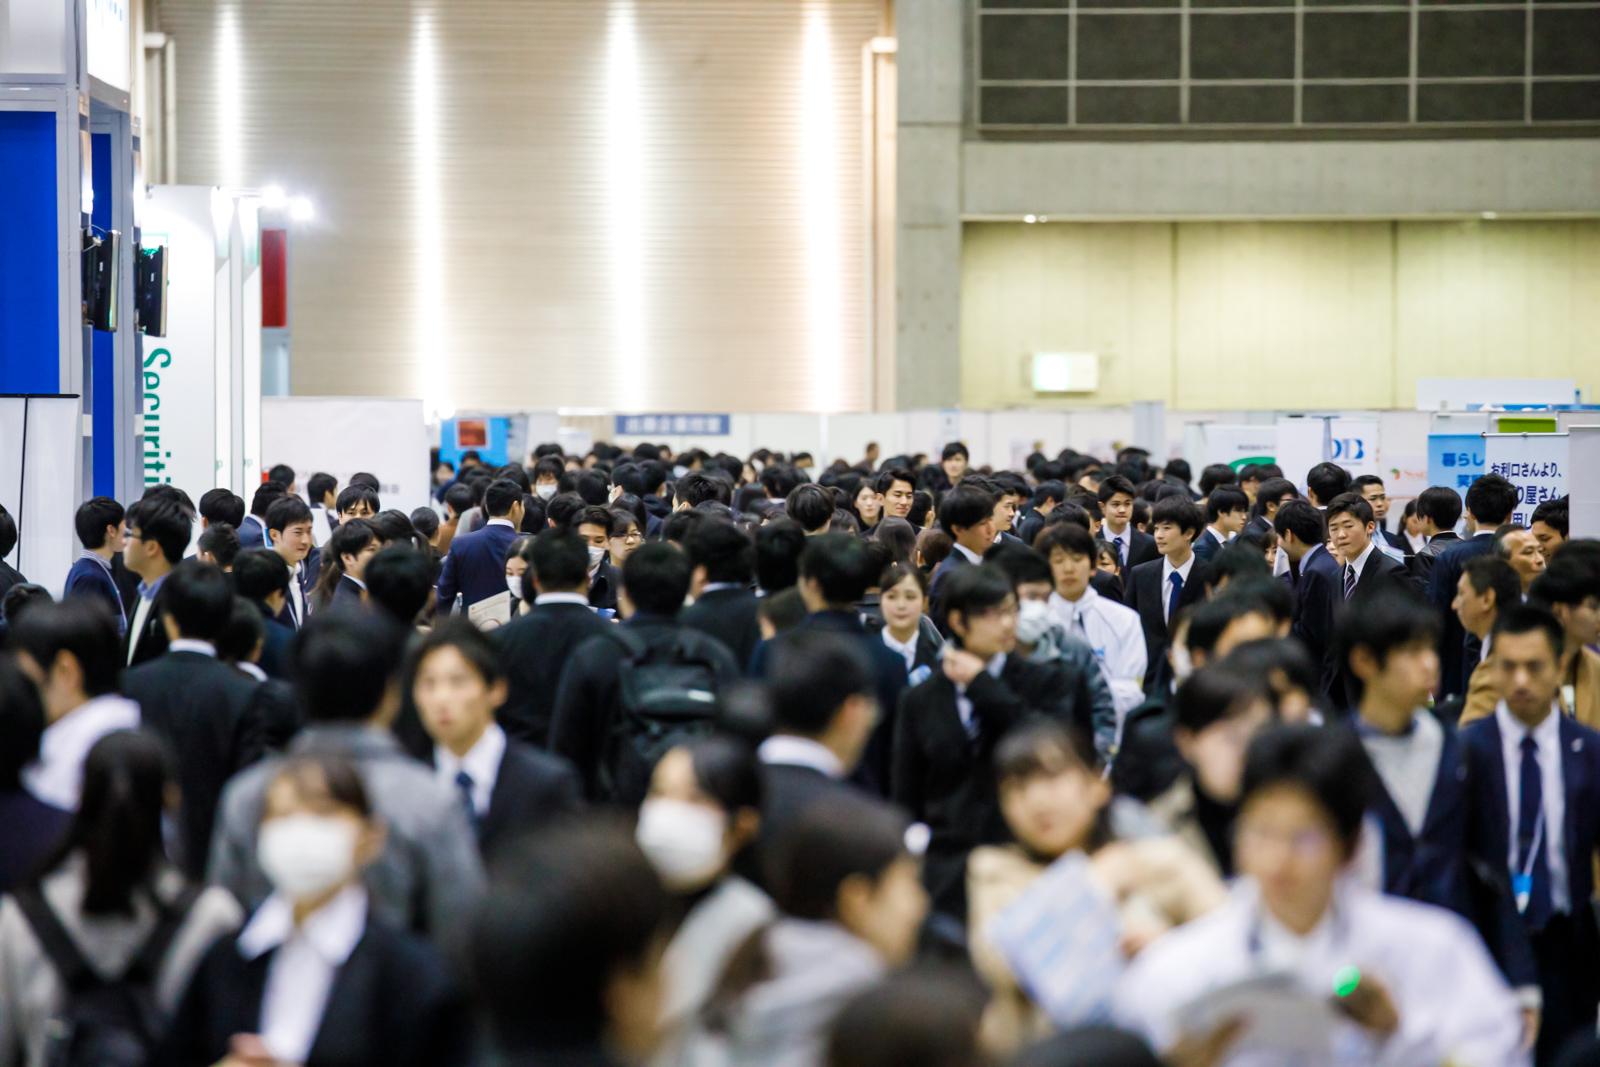 東京ビッグサイトの就活イベントに予約殺到。マイナビが計8000人集結の説明会開催へ